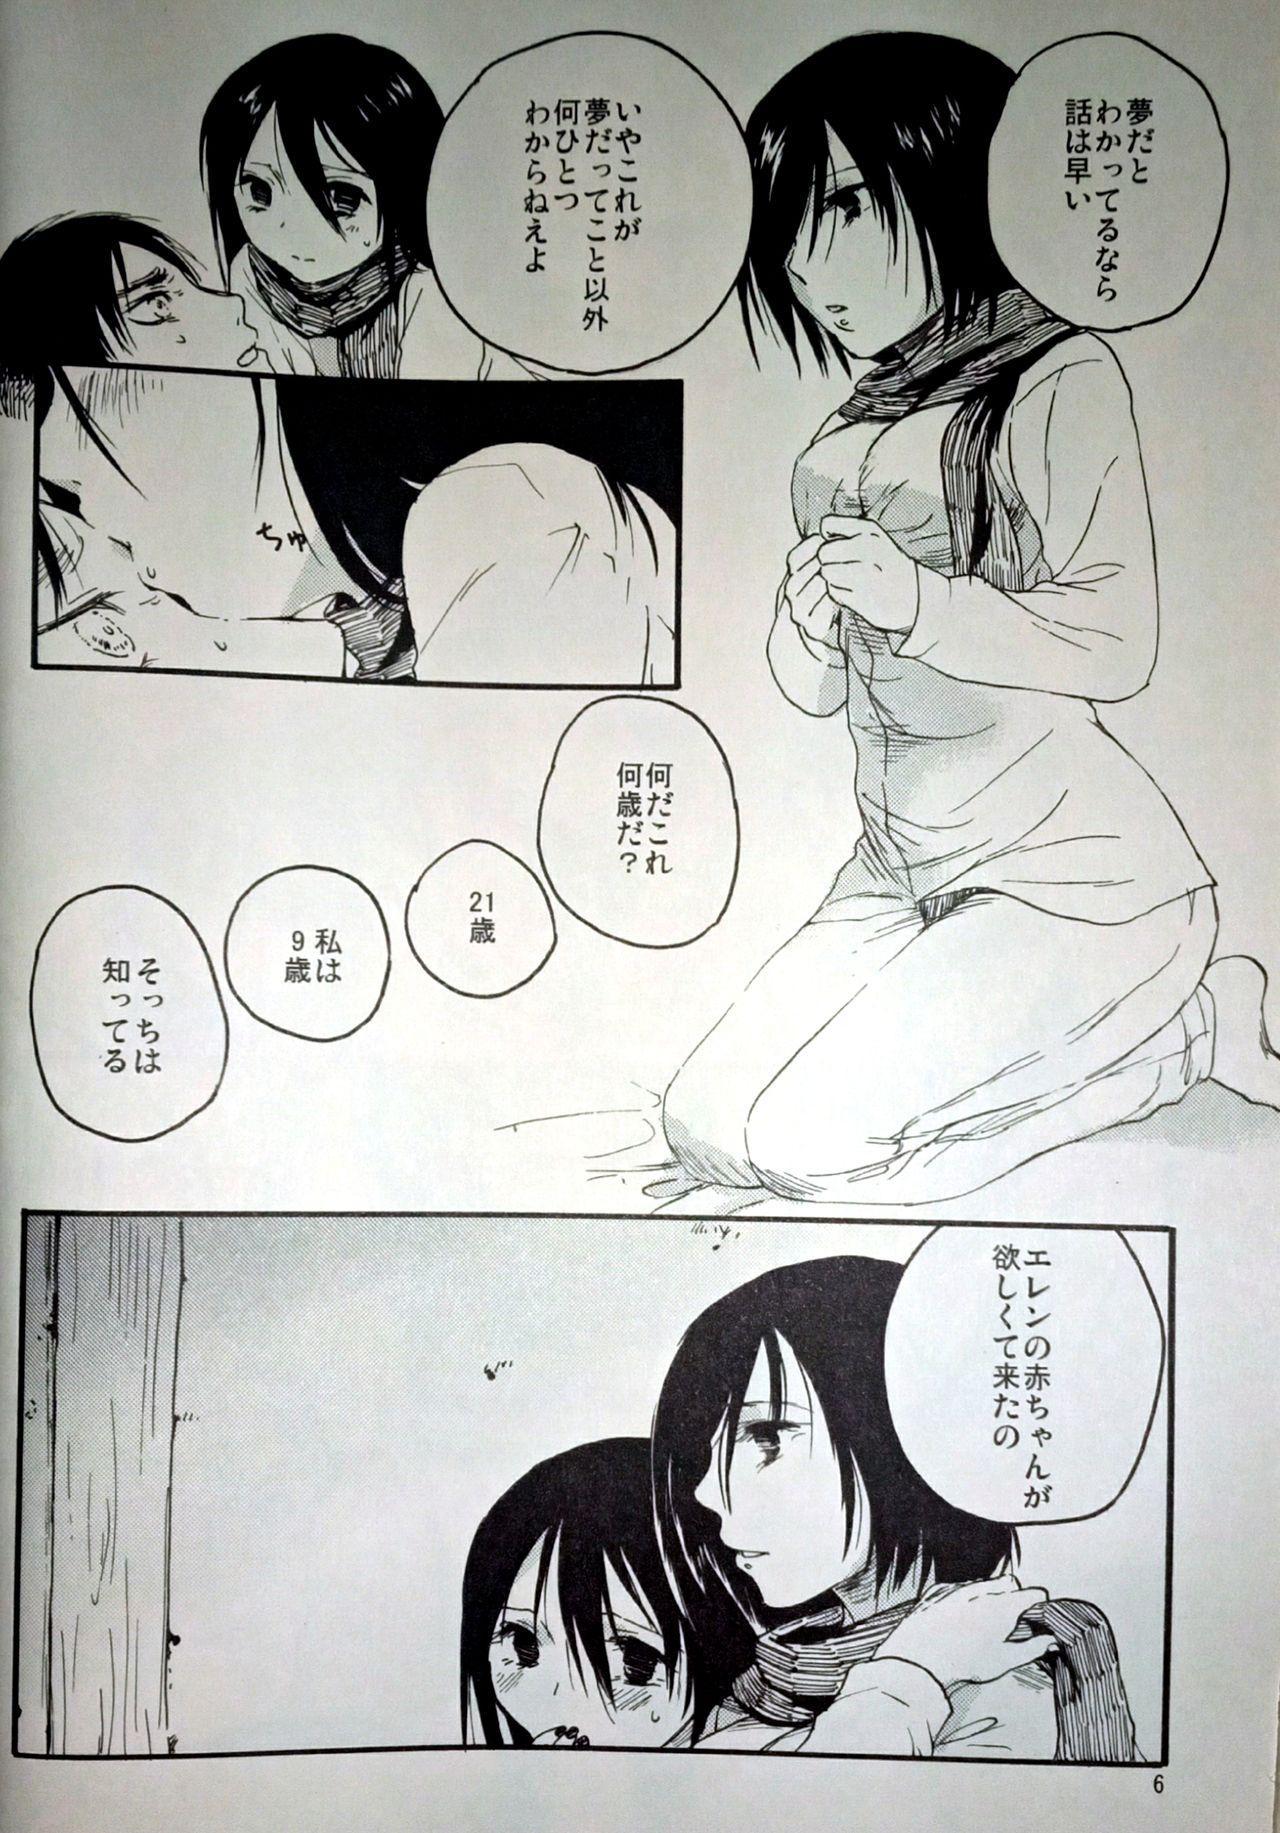 (C86) [iron (Kanae)] 21-sai to 9-sai no Mikasa ni Aisarete Yoru mo Nemurenai Eren no Hanashi (Shingeki no Kyojin) 6